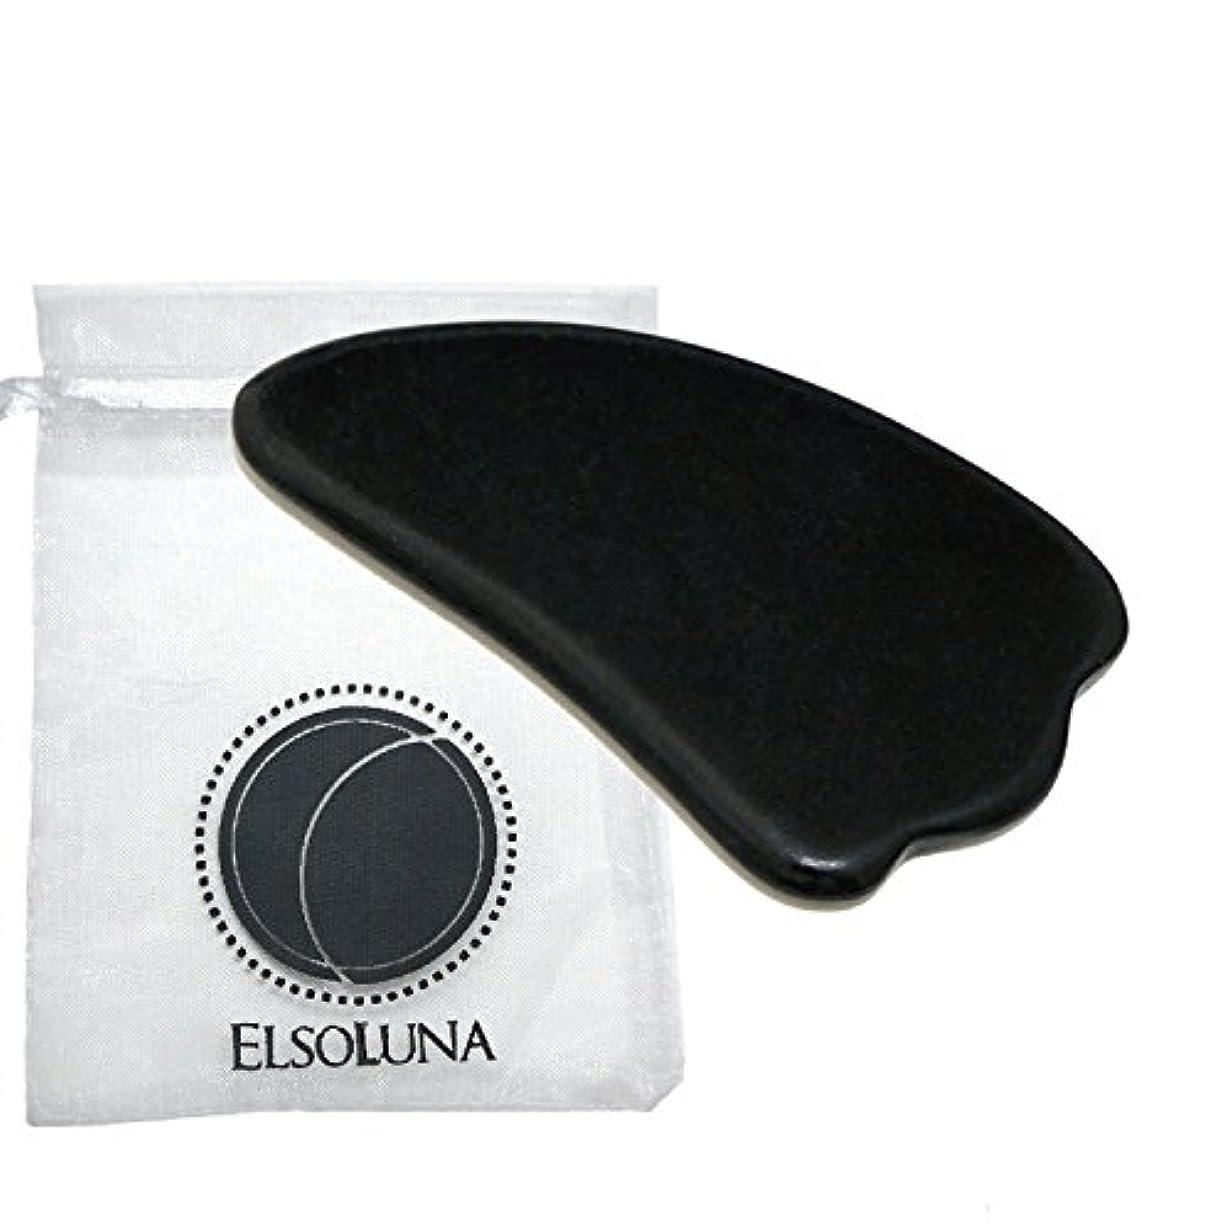 上がる燃料見捨てられたElsoluna(エルソルーナ) かっさプレート かっさマッサージ 美顔 天然石 パワーストーン (ベン石 羽根型, ブラック)